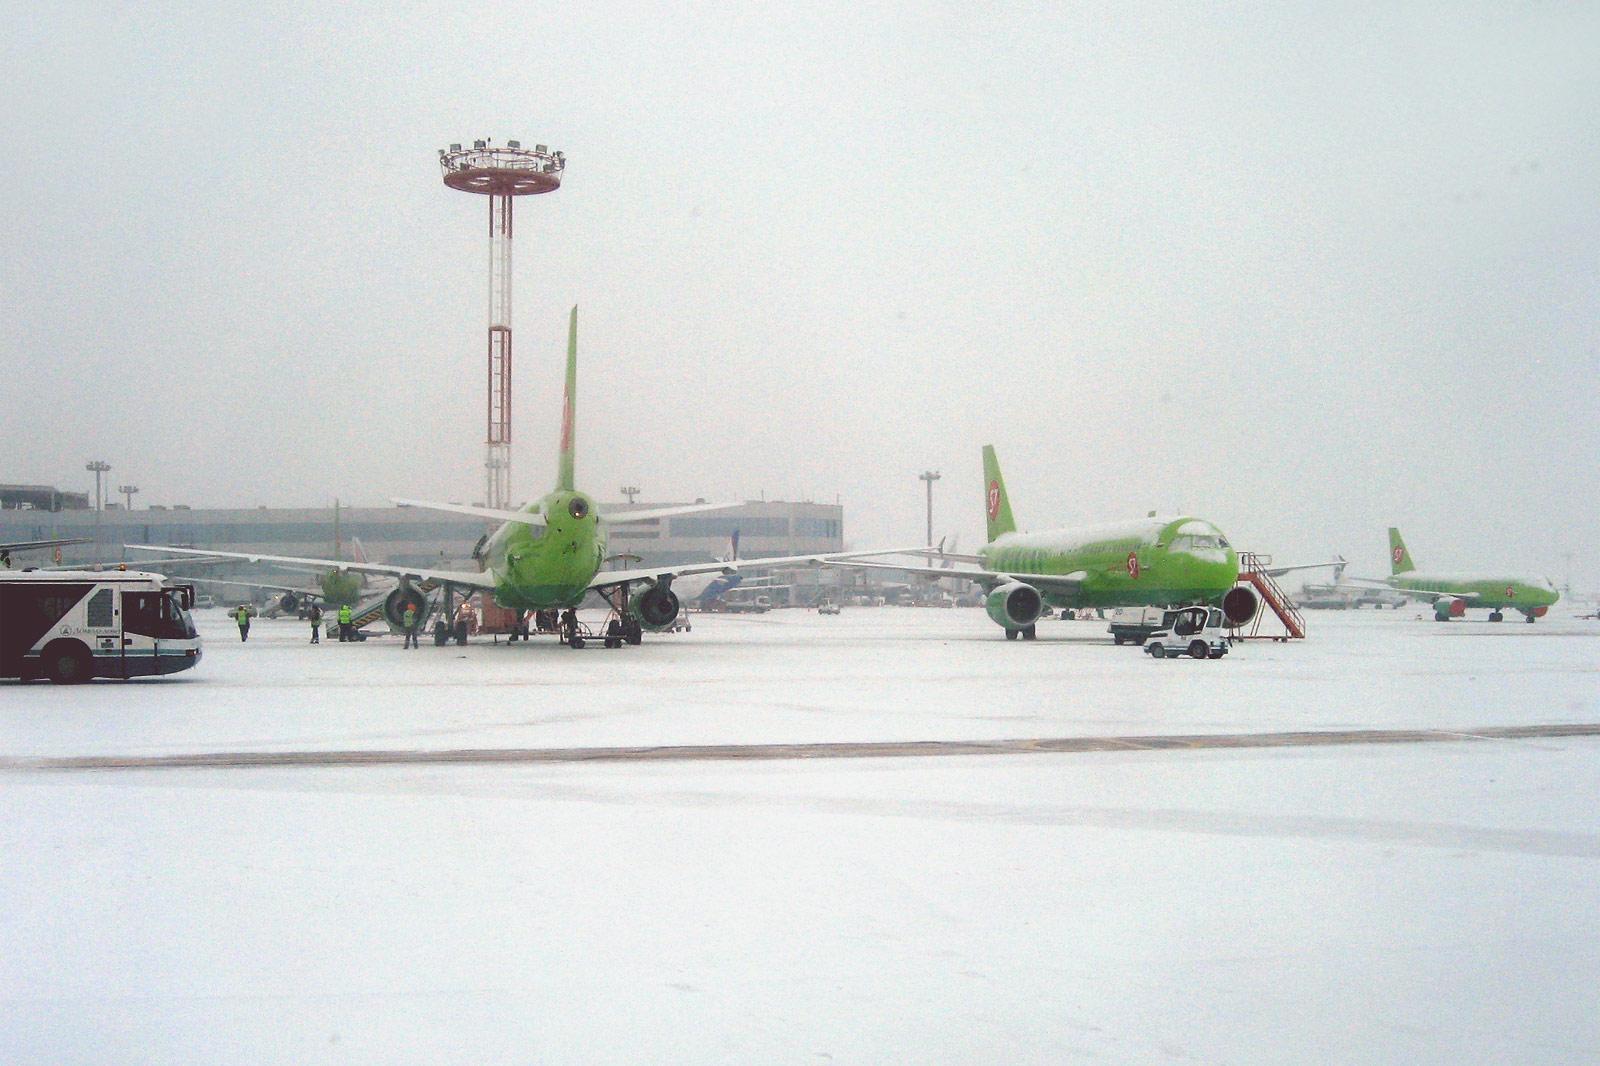 Самолеты авиакомпании S7 Airlines в аэропорту Домодедово